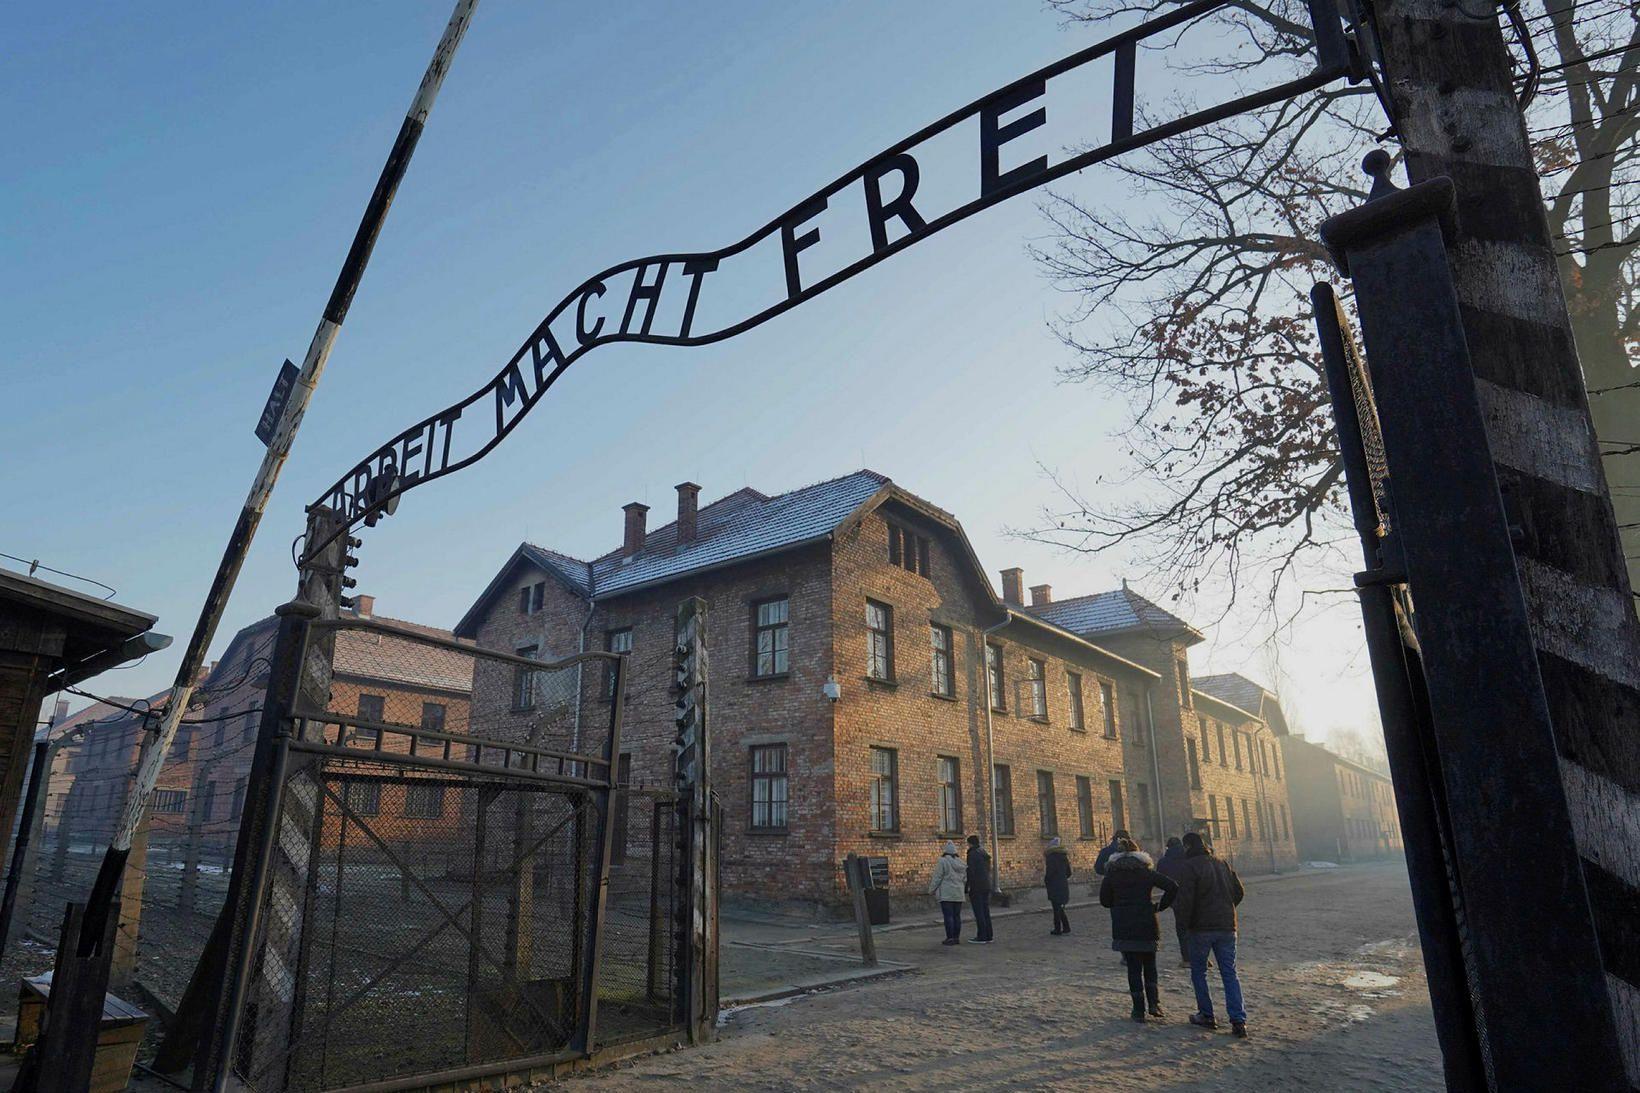 Hliðið að útrýmingarbúðum þýskra nasista í Auschwitz í Póllandi.